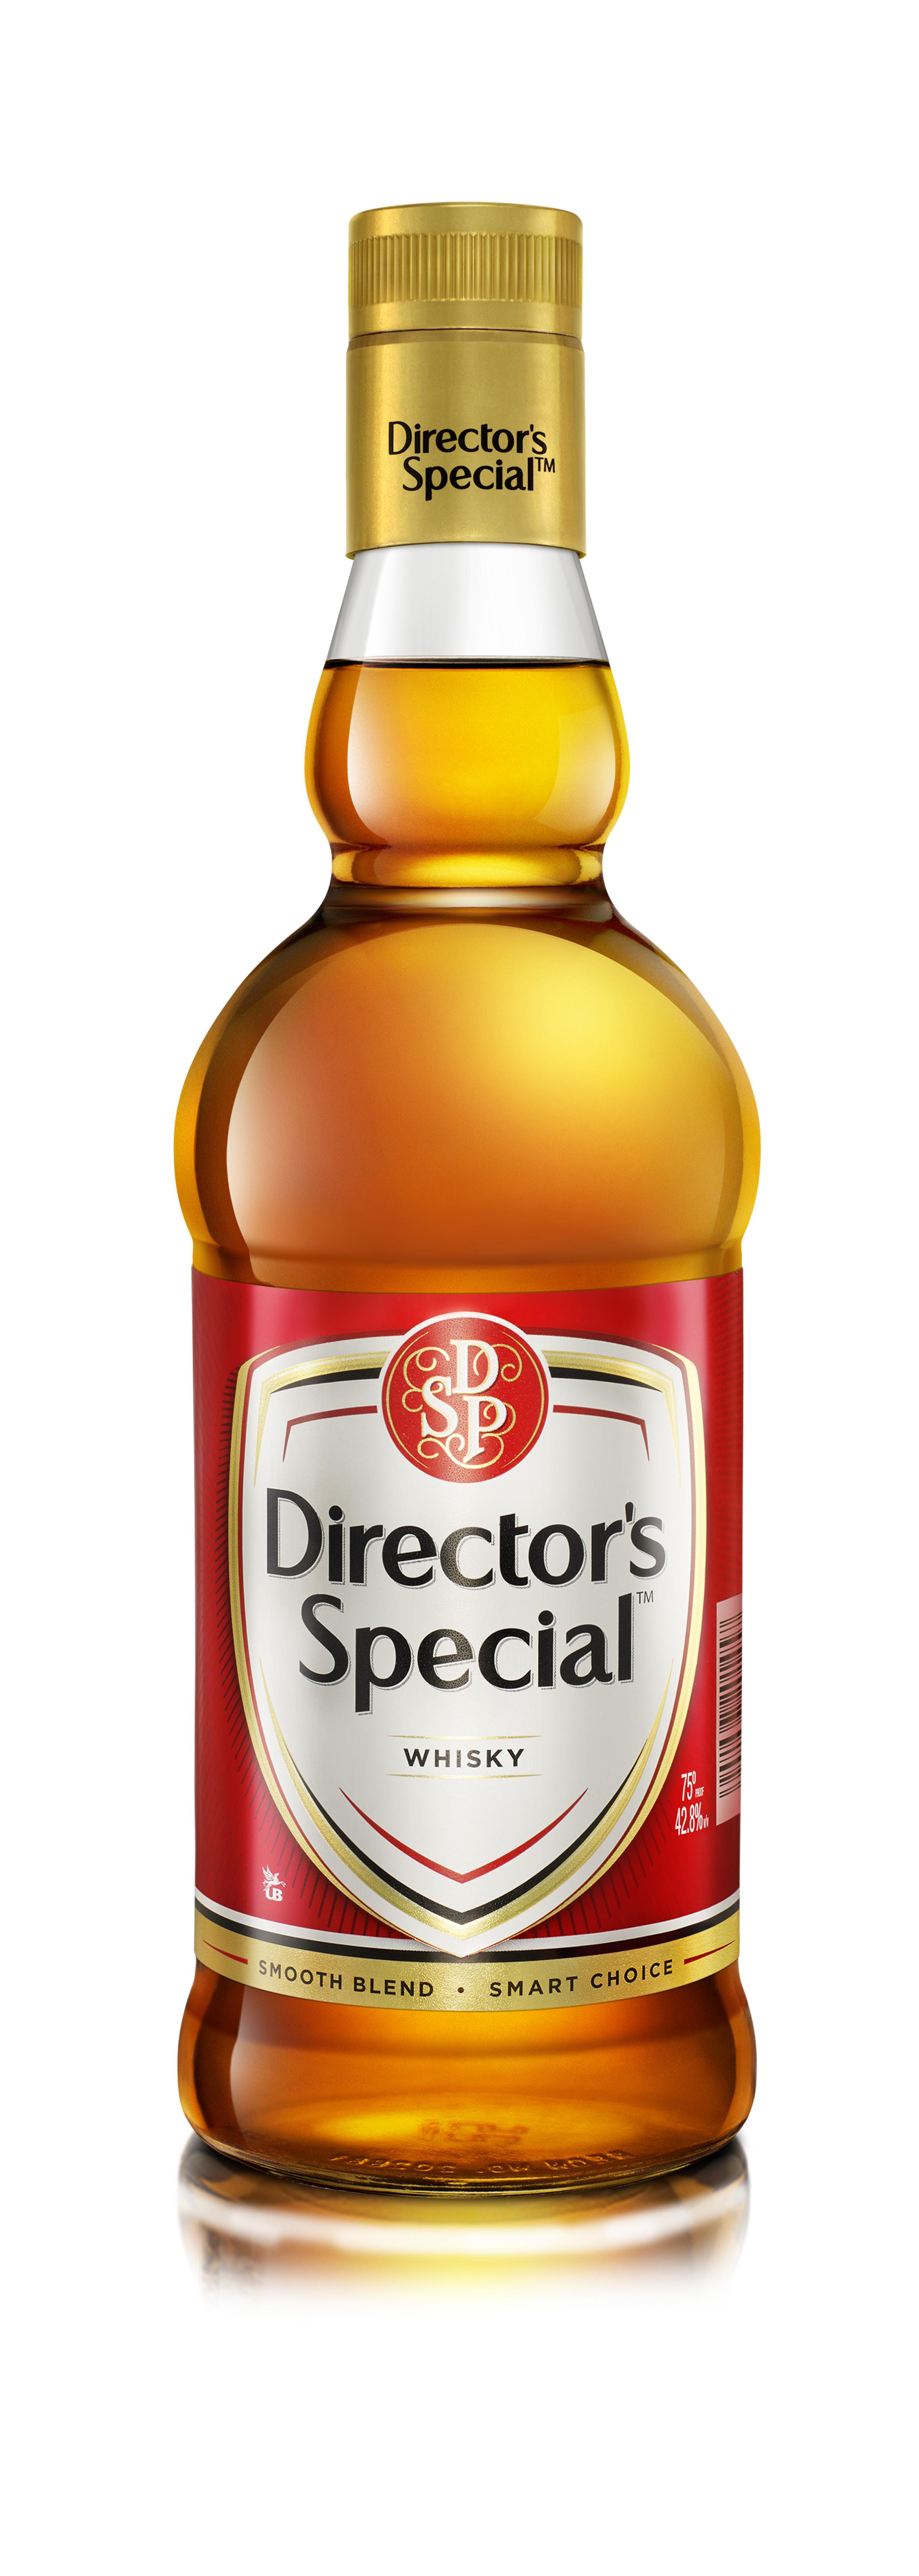 Directors Special